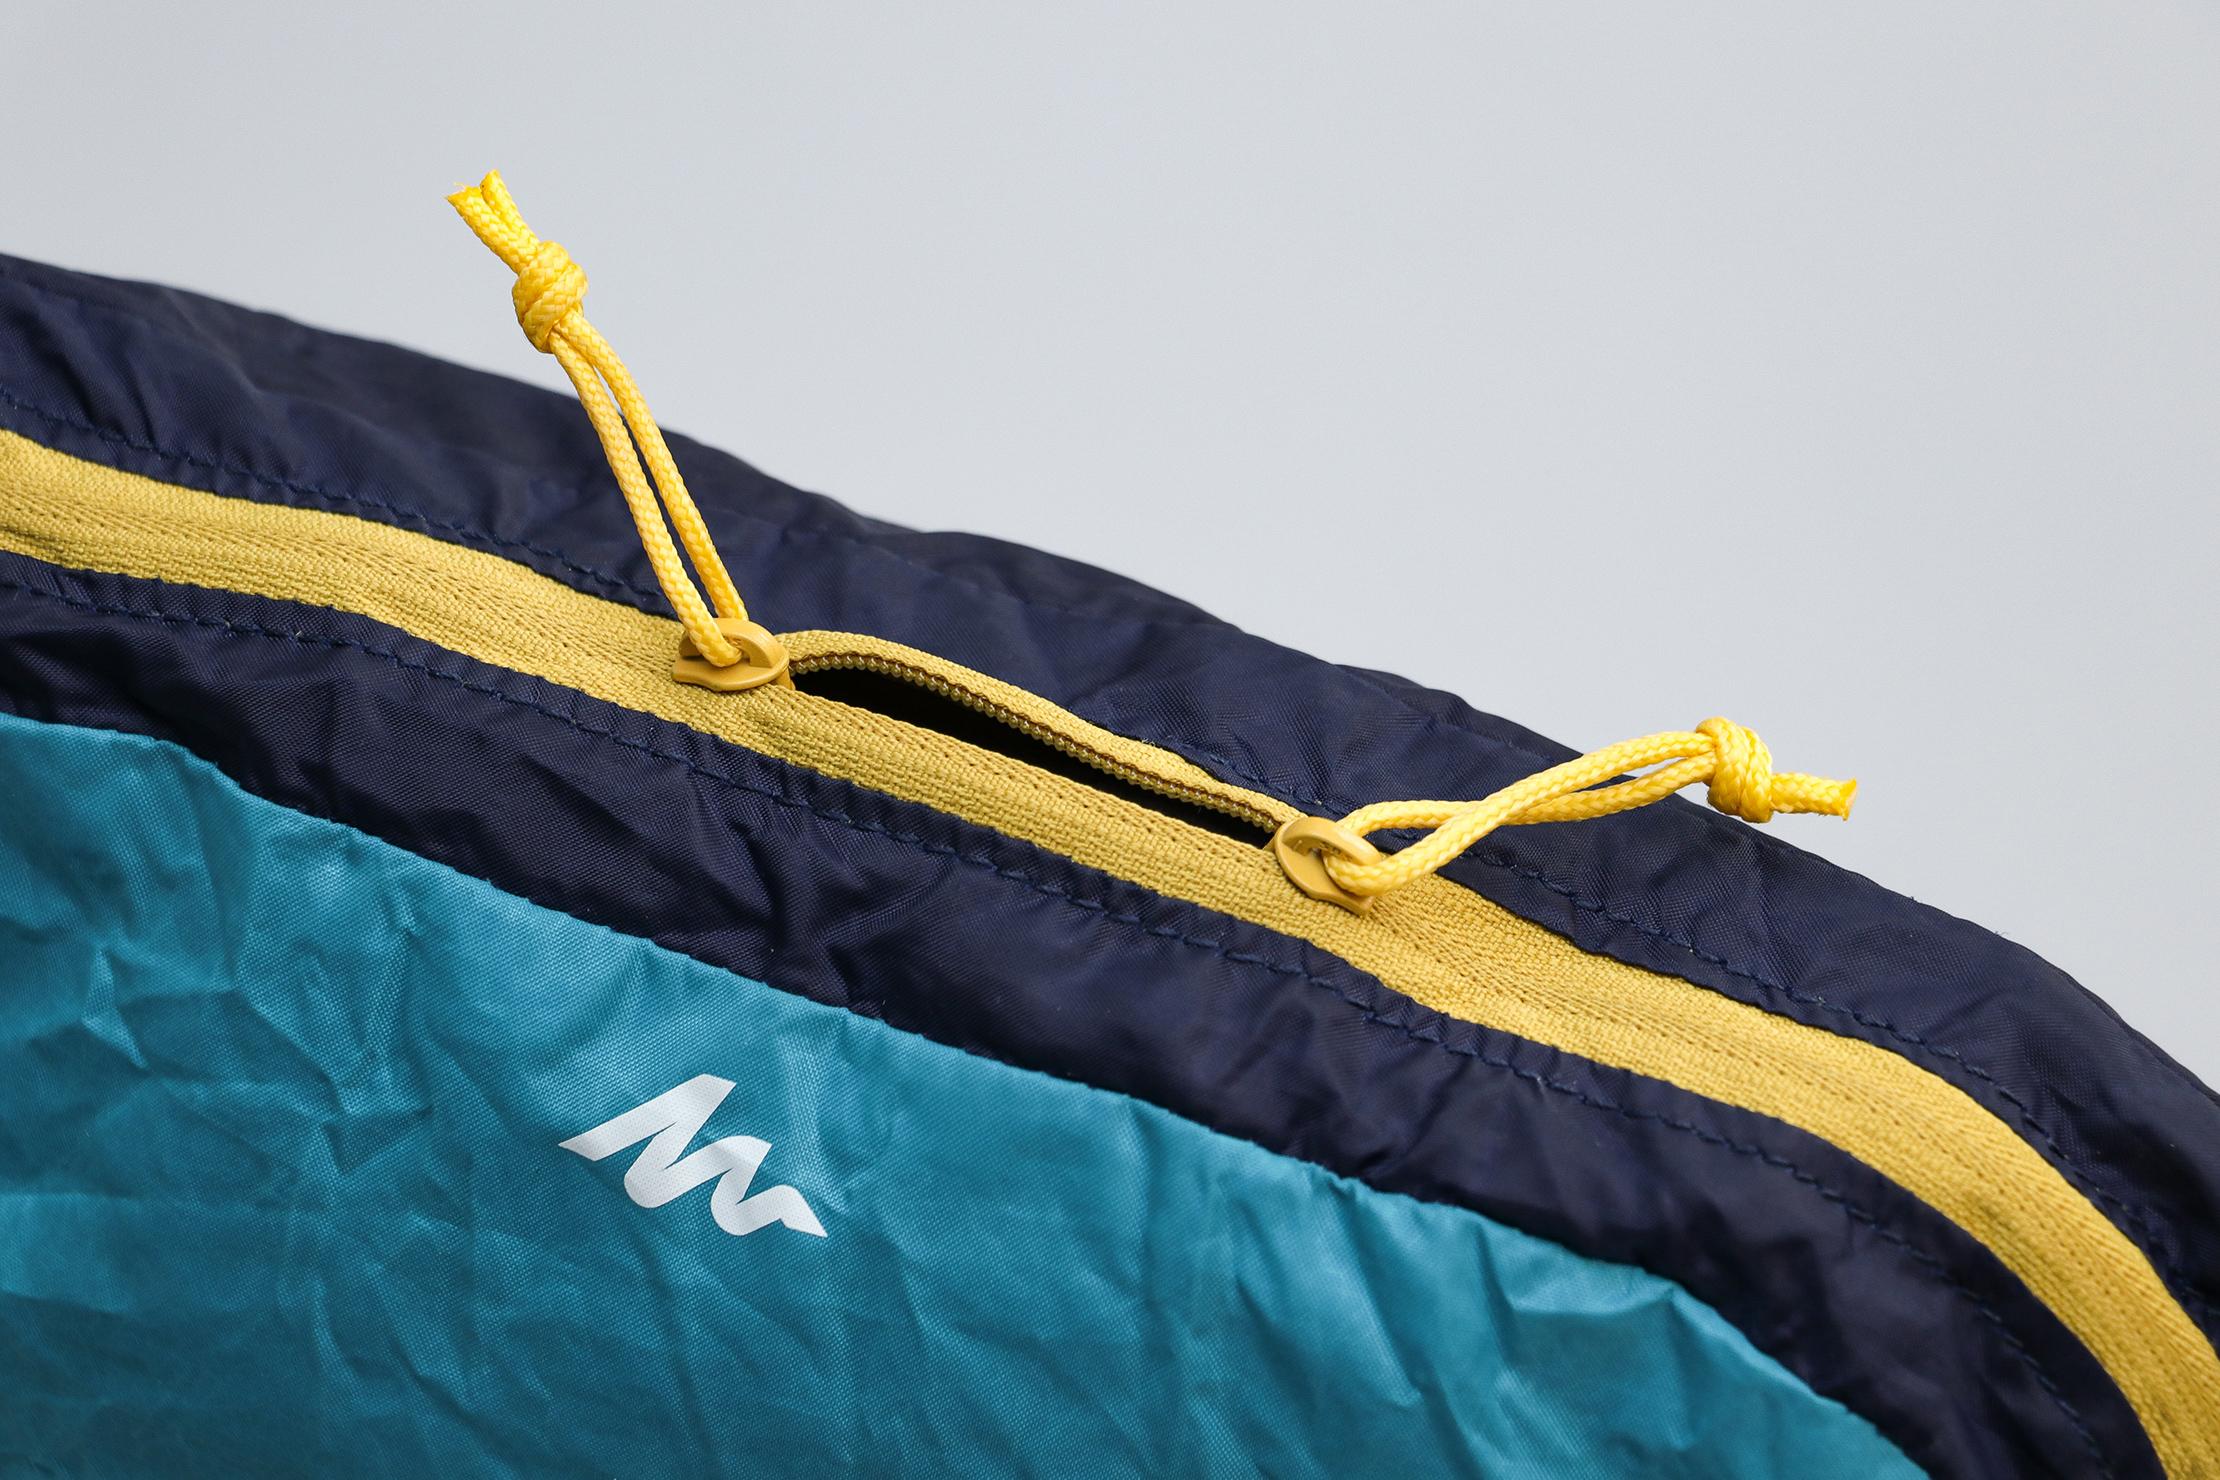 Quechua Ultra Compact Travel Waist Pack Zippers